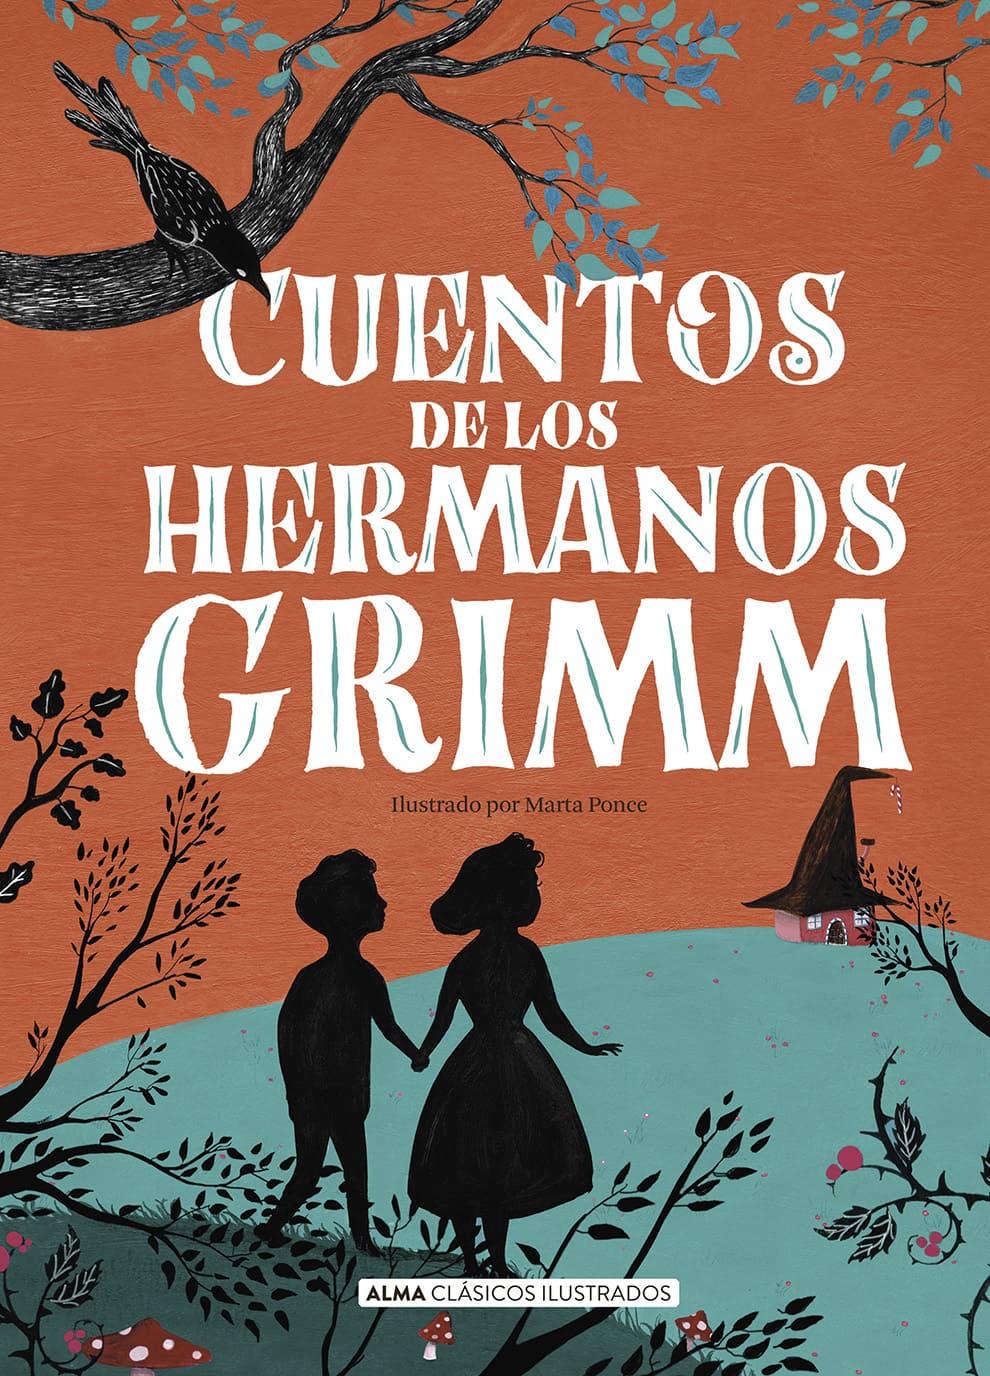 Cuentos de los Hermanos Grimm - il. M. Ponce